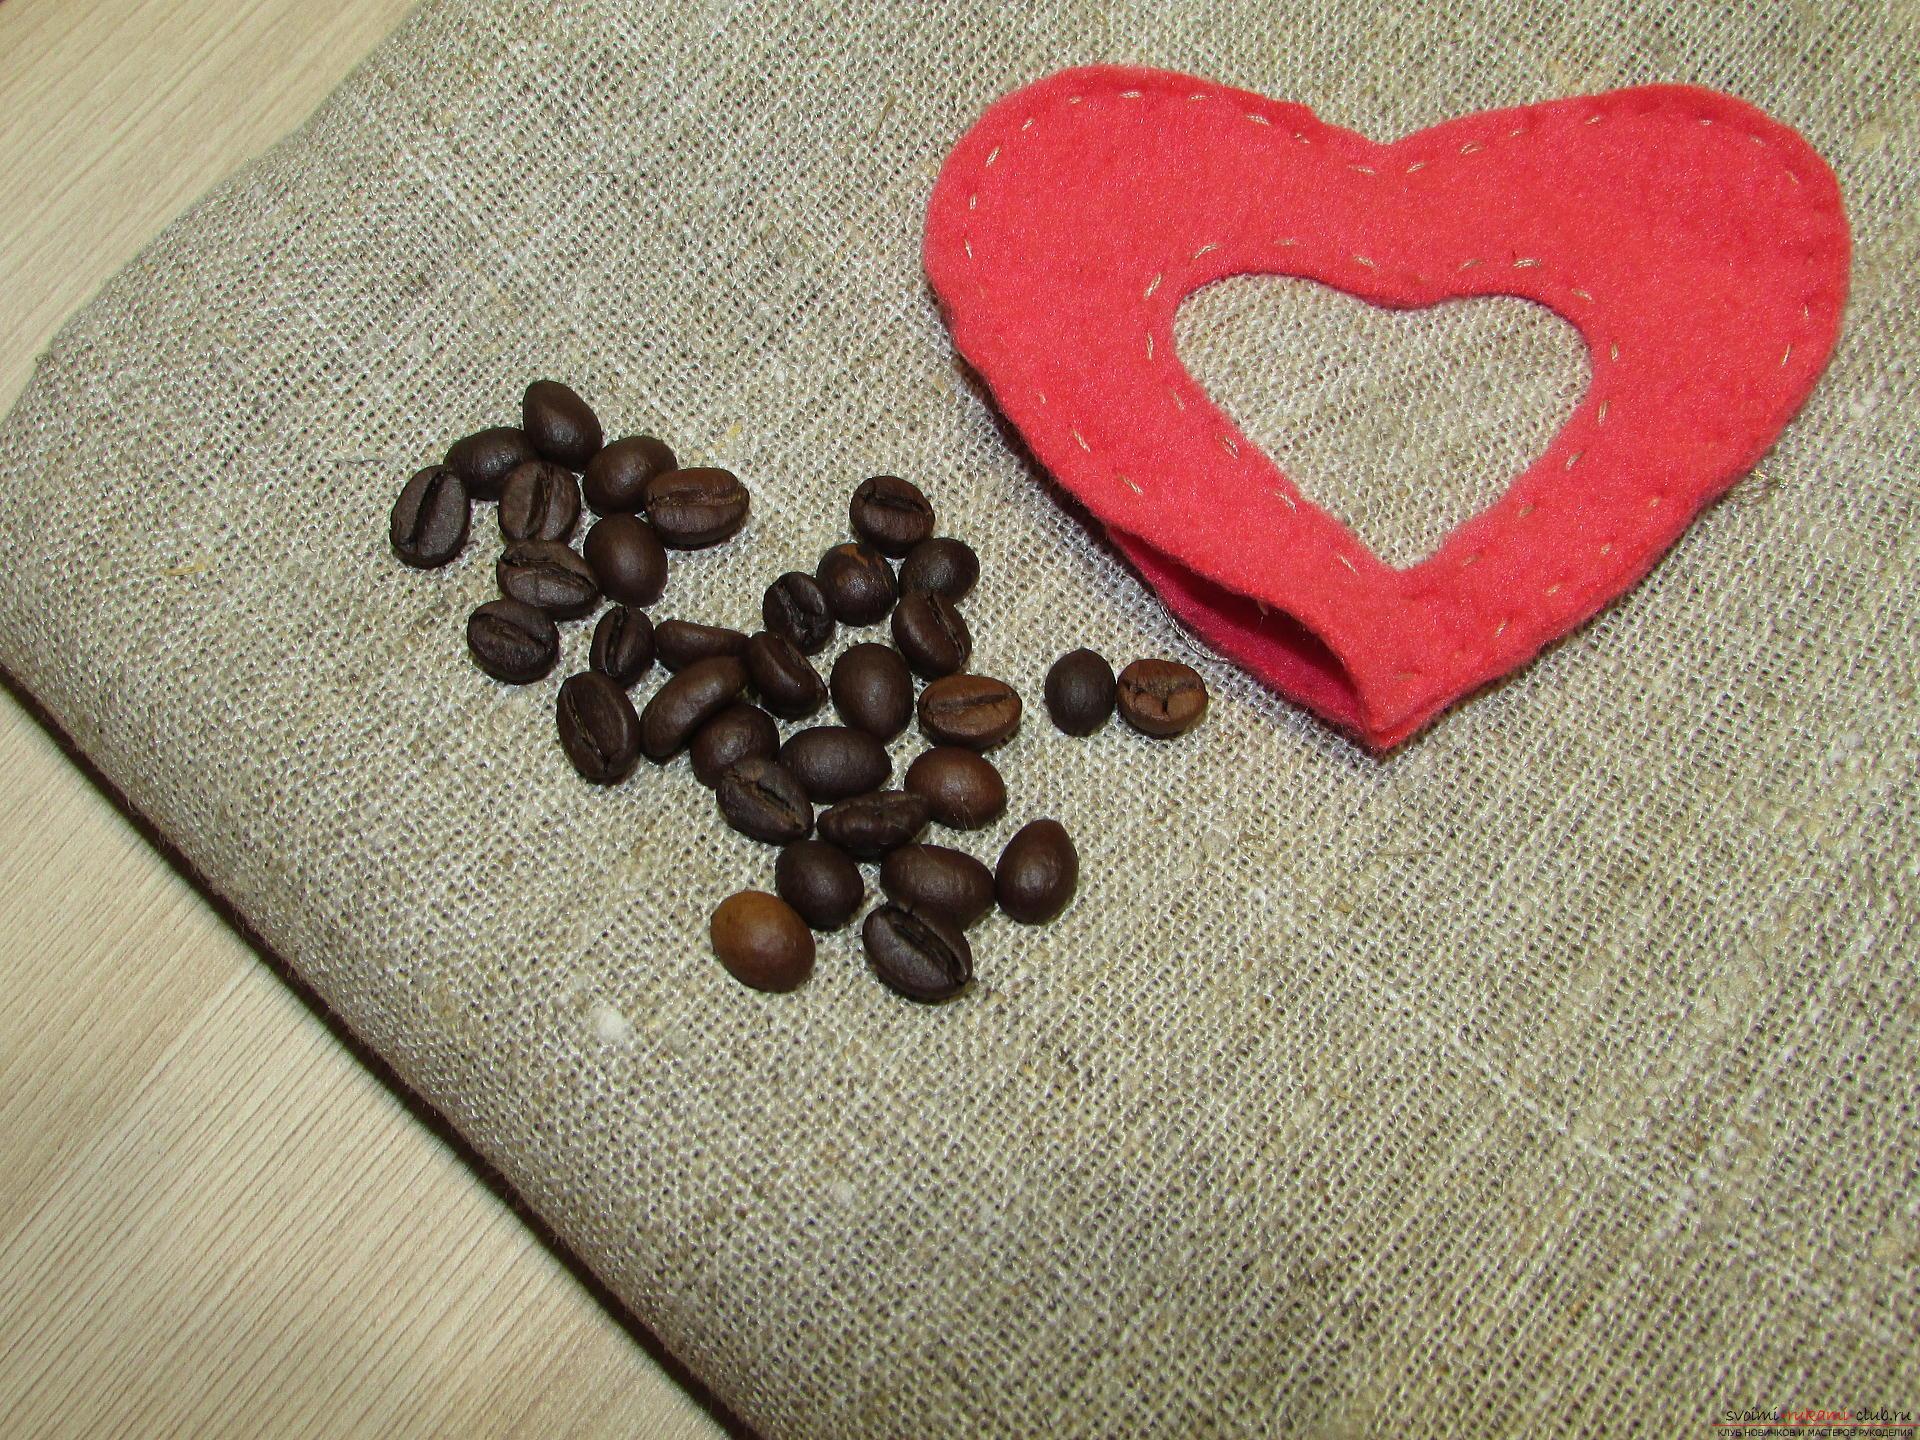 Цей майстер-клас навчить як зробити саморобку з зерен кави - ароматичну подушечку .. Фото №7